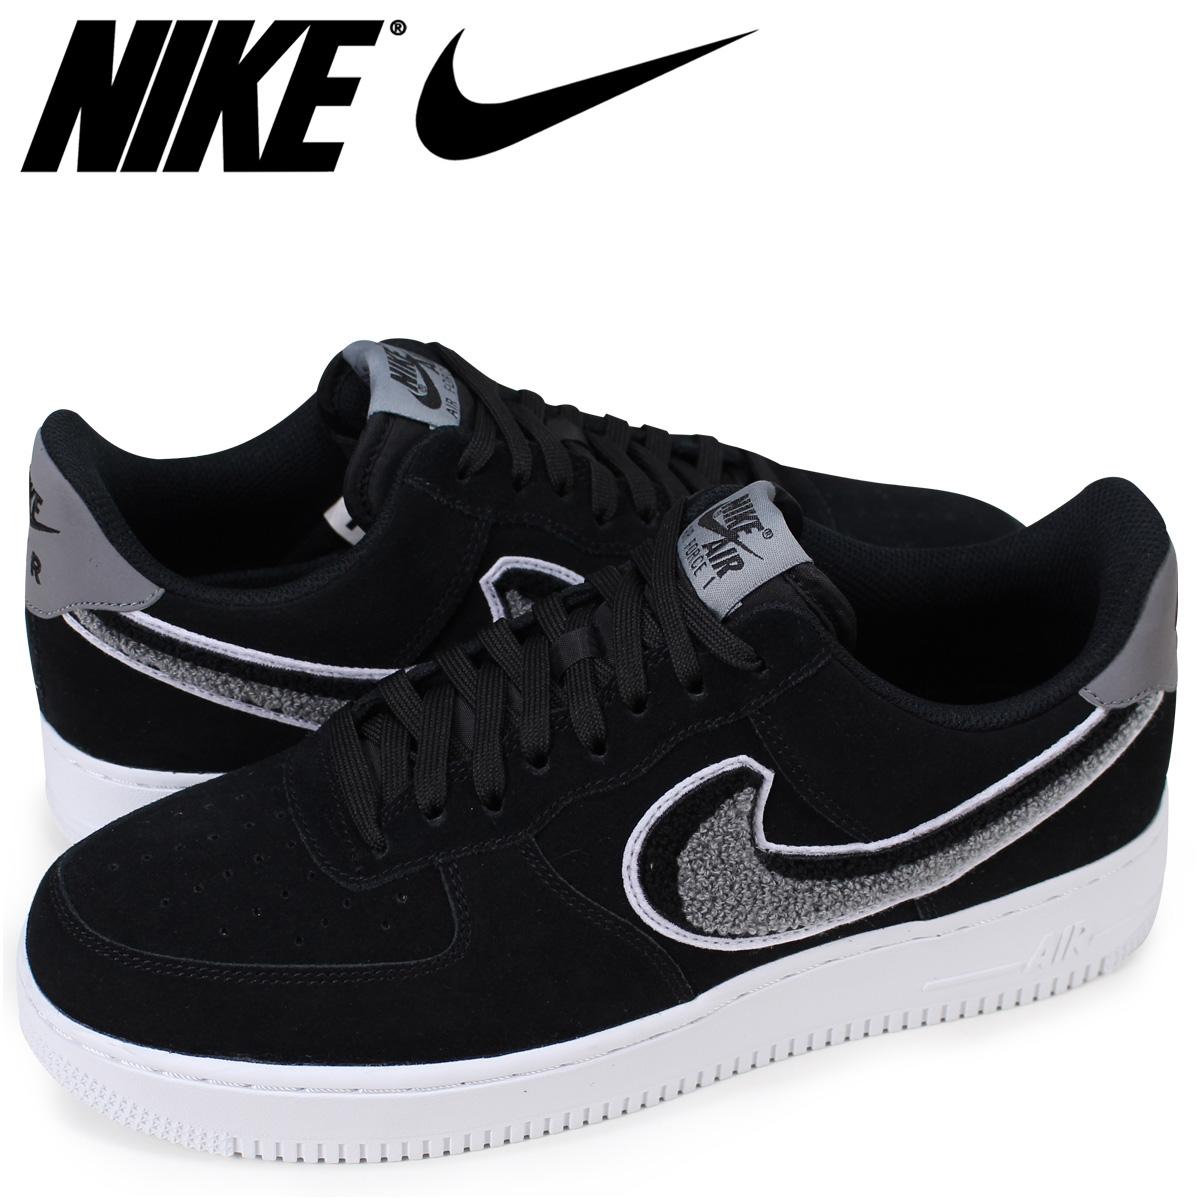 classic fit d6bdb 71674 NIKE AIR FORCE 1 07 LV8 Nike air force 1 sneakers men black 823,511-014